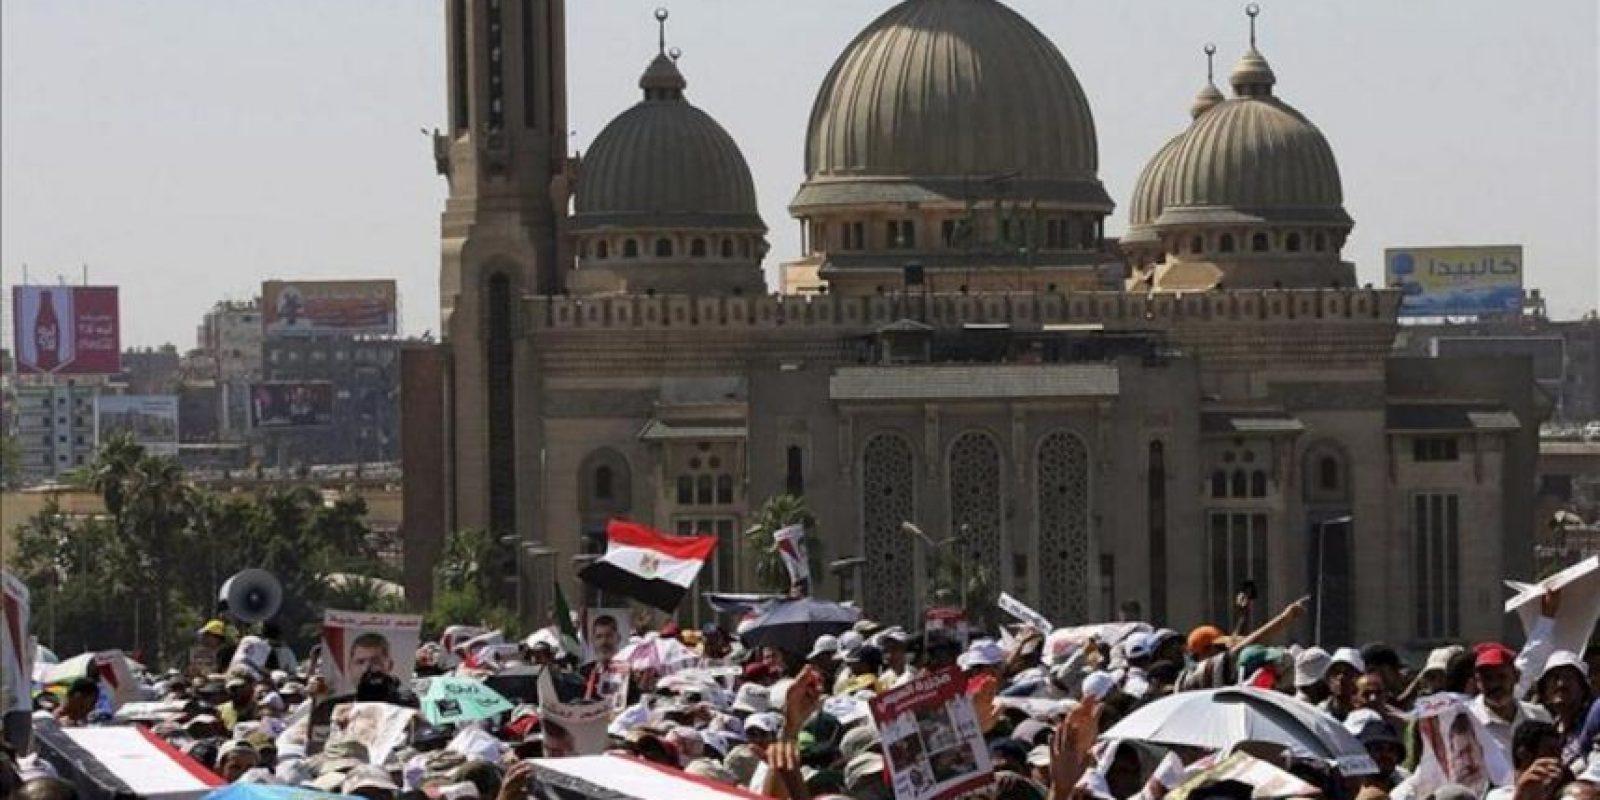 Seguidores del depuesto presidente Mohamed Mursi cargan con los ataúdes con los restos de los muertos tras los enfrentamientos con los opositores del ex presidente durante una manifestación en el puente 6 de octubre en Ramsis, El Cairo, Egipto, el 30 de julio de 2013. EFE